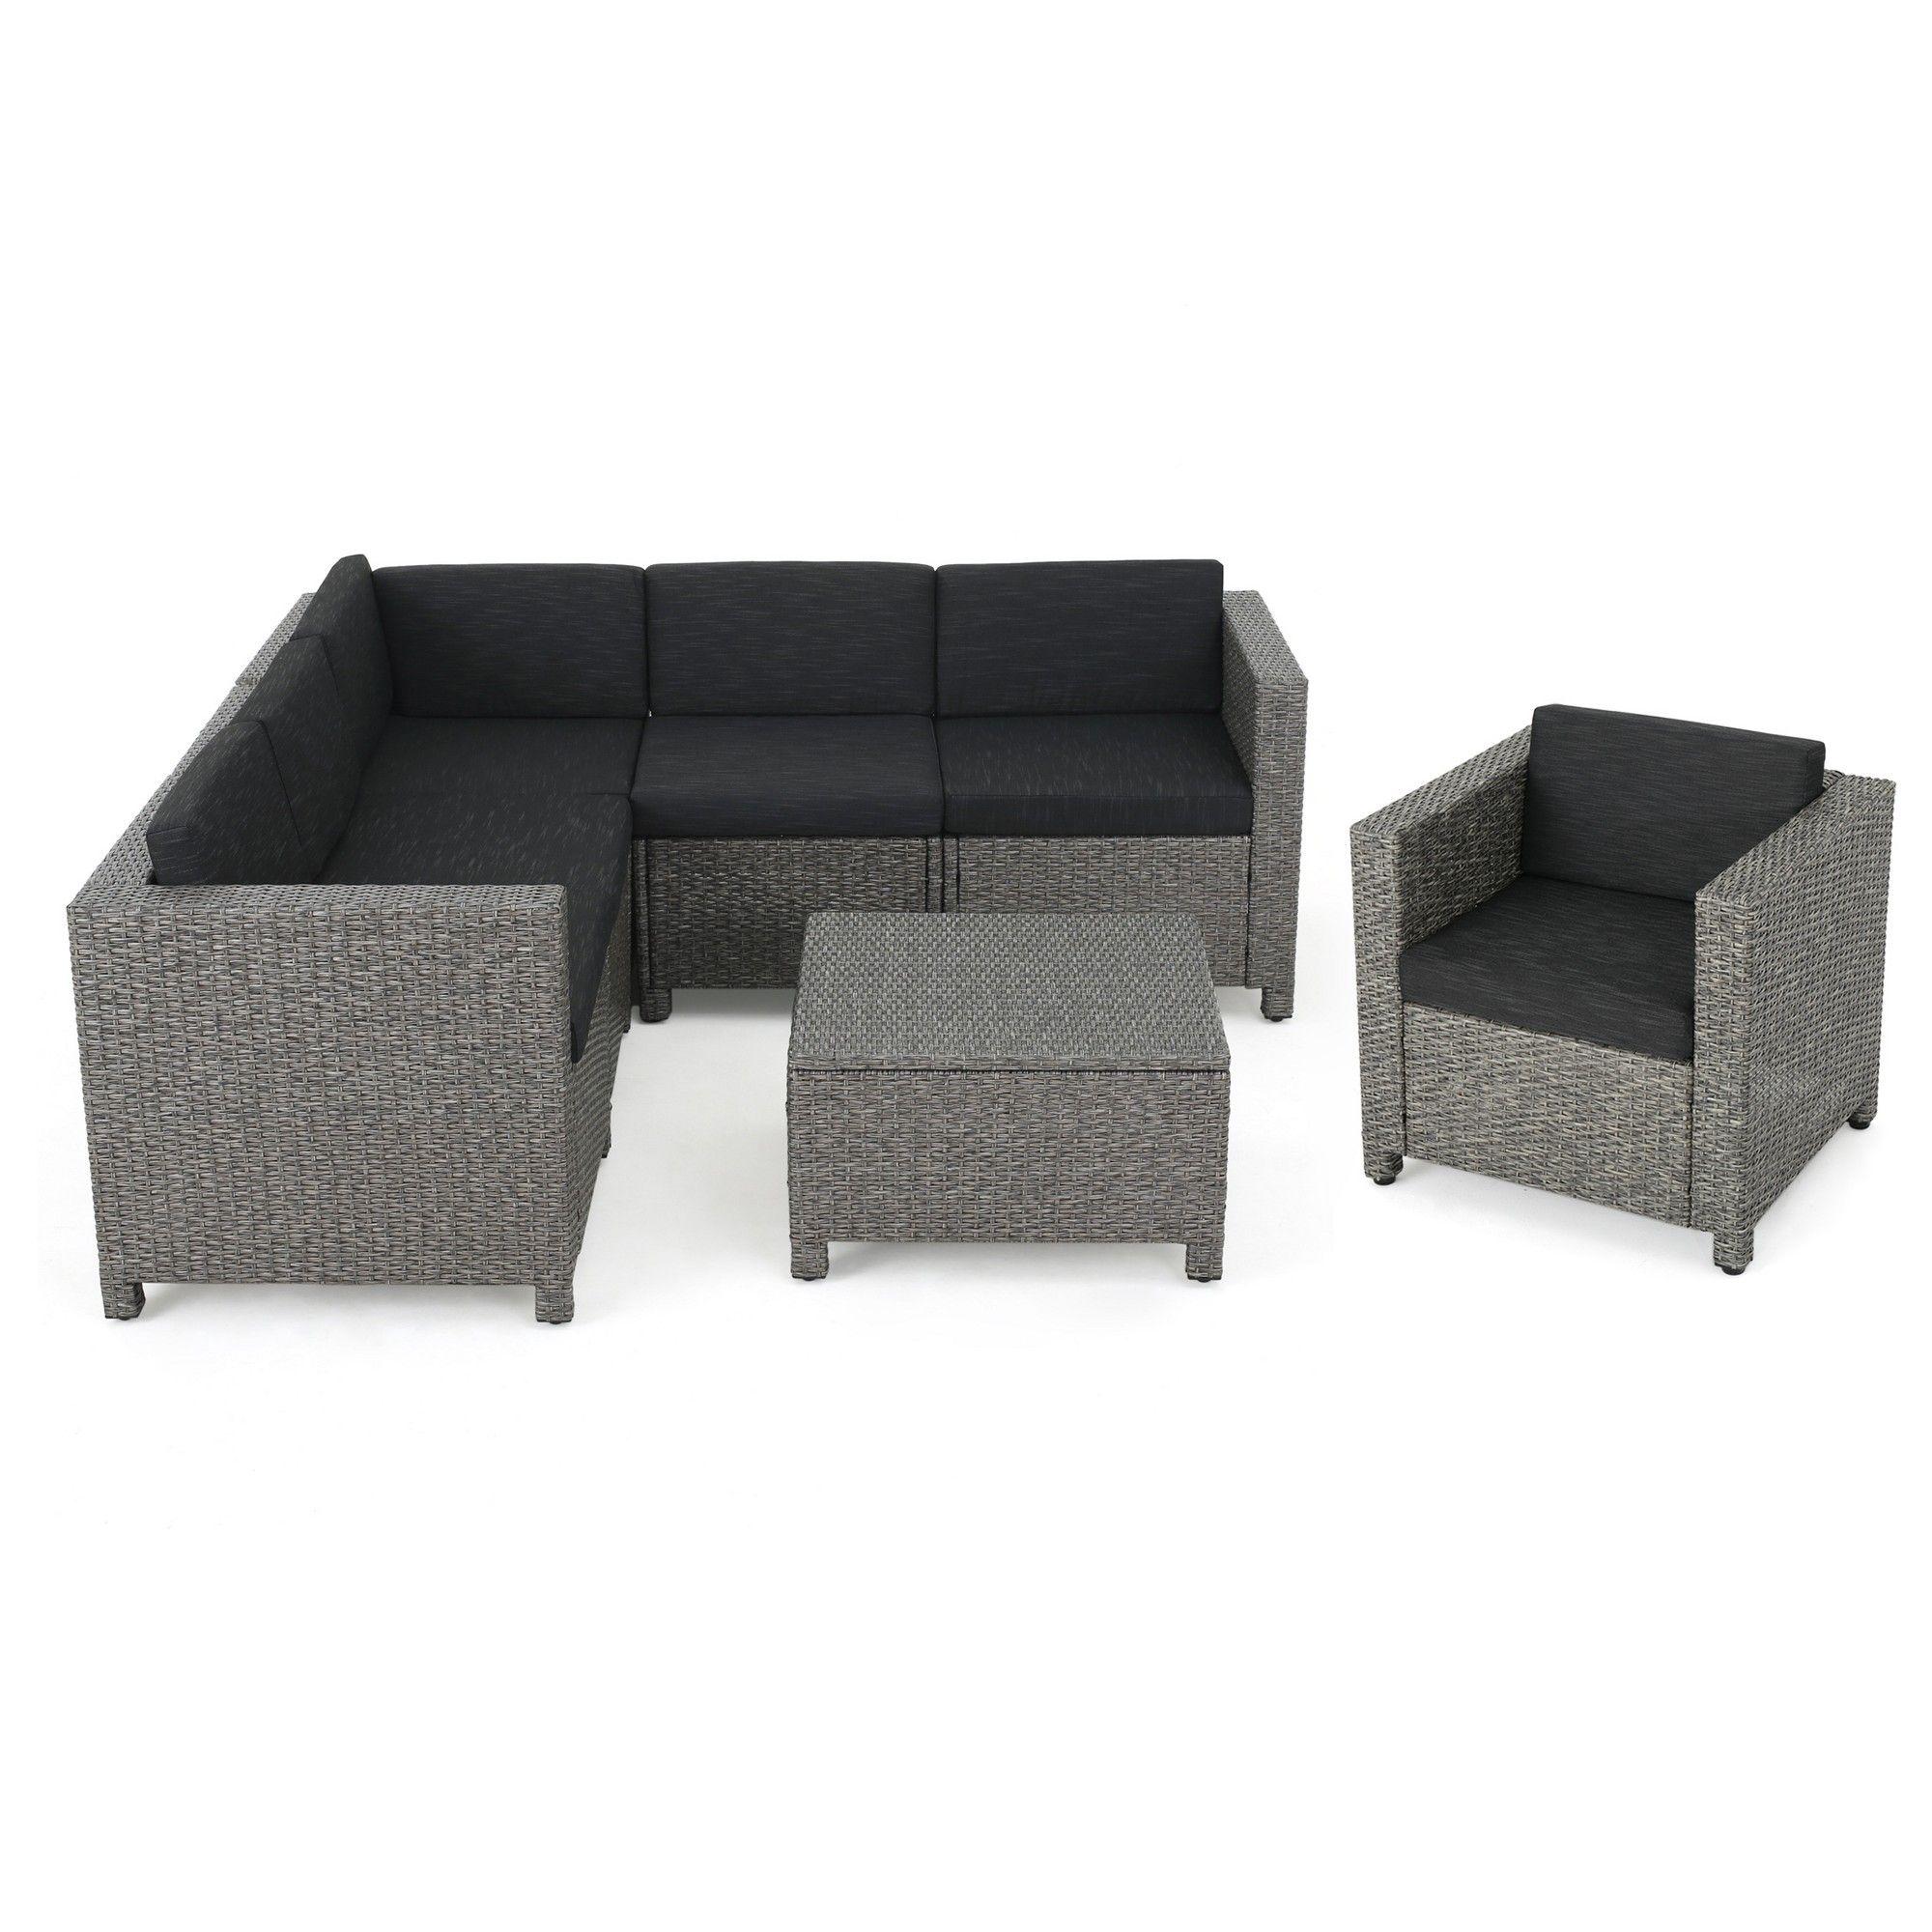 Puerta 7pc Wicker V Shaped Sectional Sofa Set Black Gray